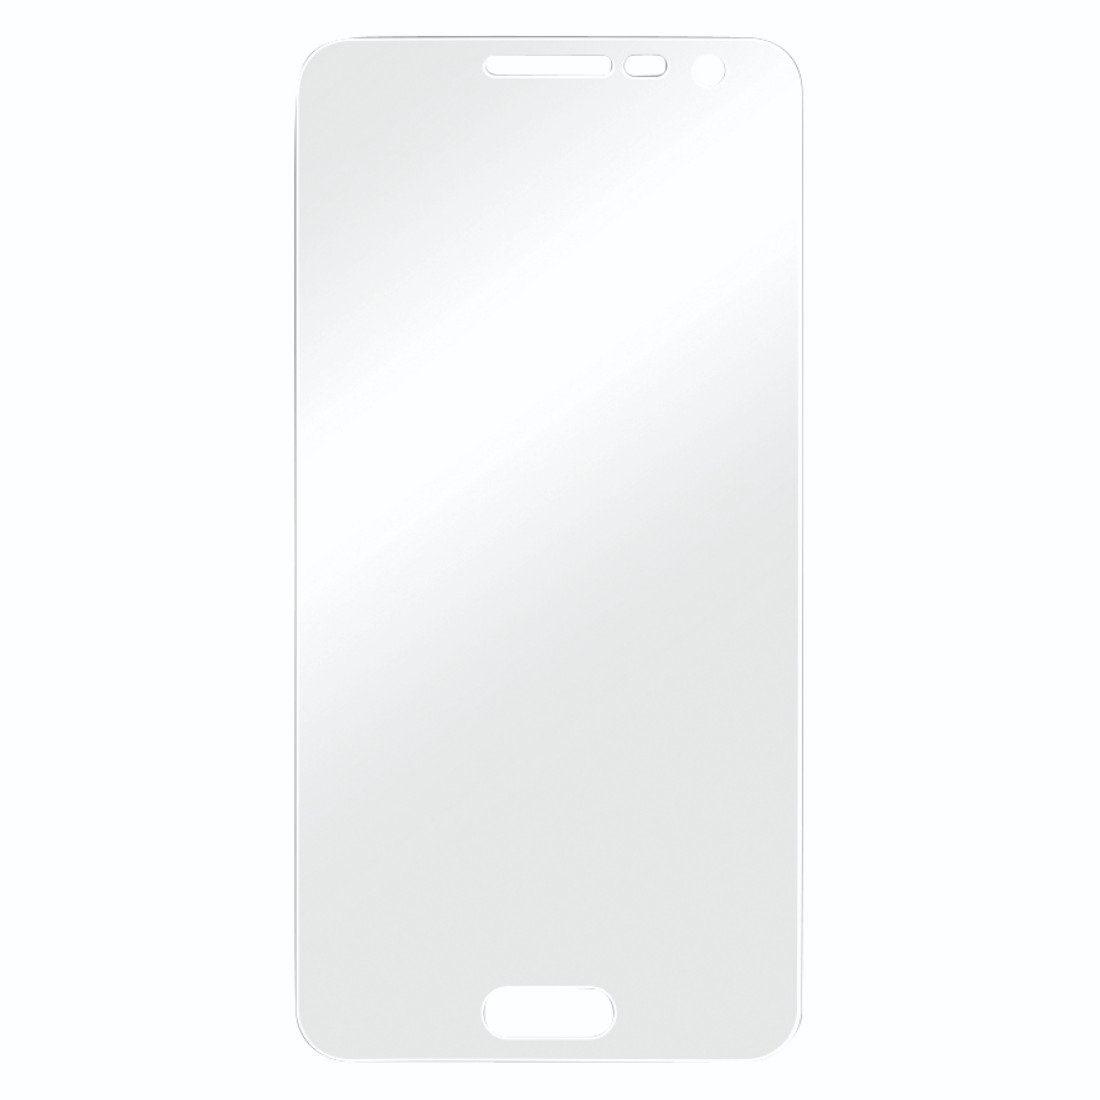 Hama Displayschutzfolie für Samsung Galaxy A3, 2er Set »Displayschutz Schutzfolie«